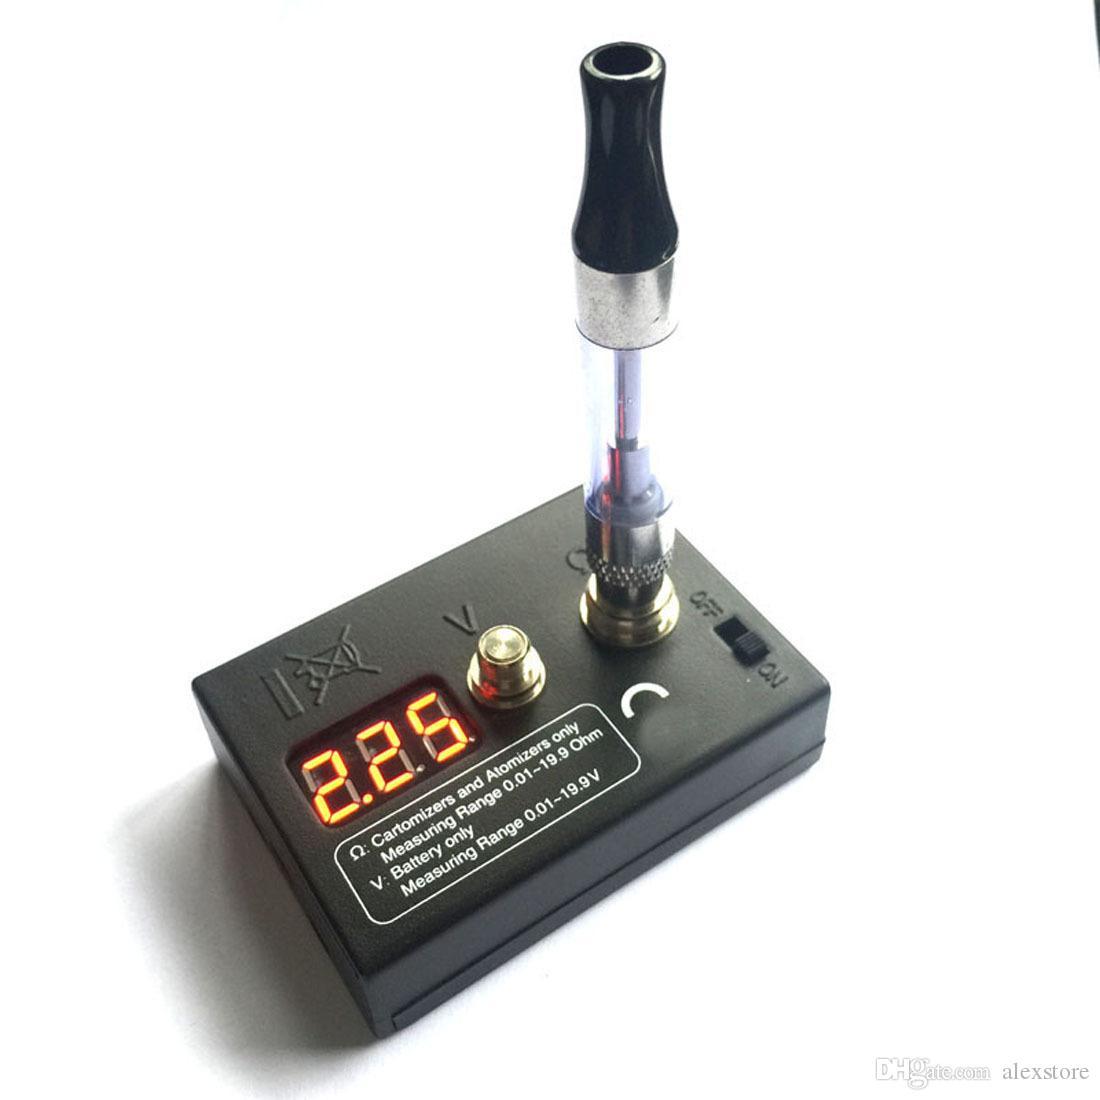 Ohm metre direnci test cihazı dijital test makinesi için siyah mikro okuyucu atomizer tankı EGO 510 808D M7 M8 konu pil voltaj vape DHL